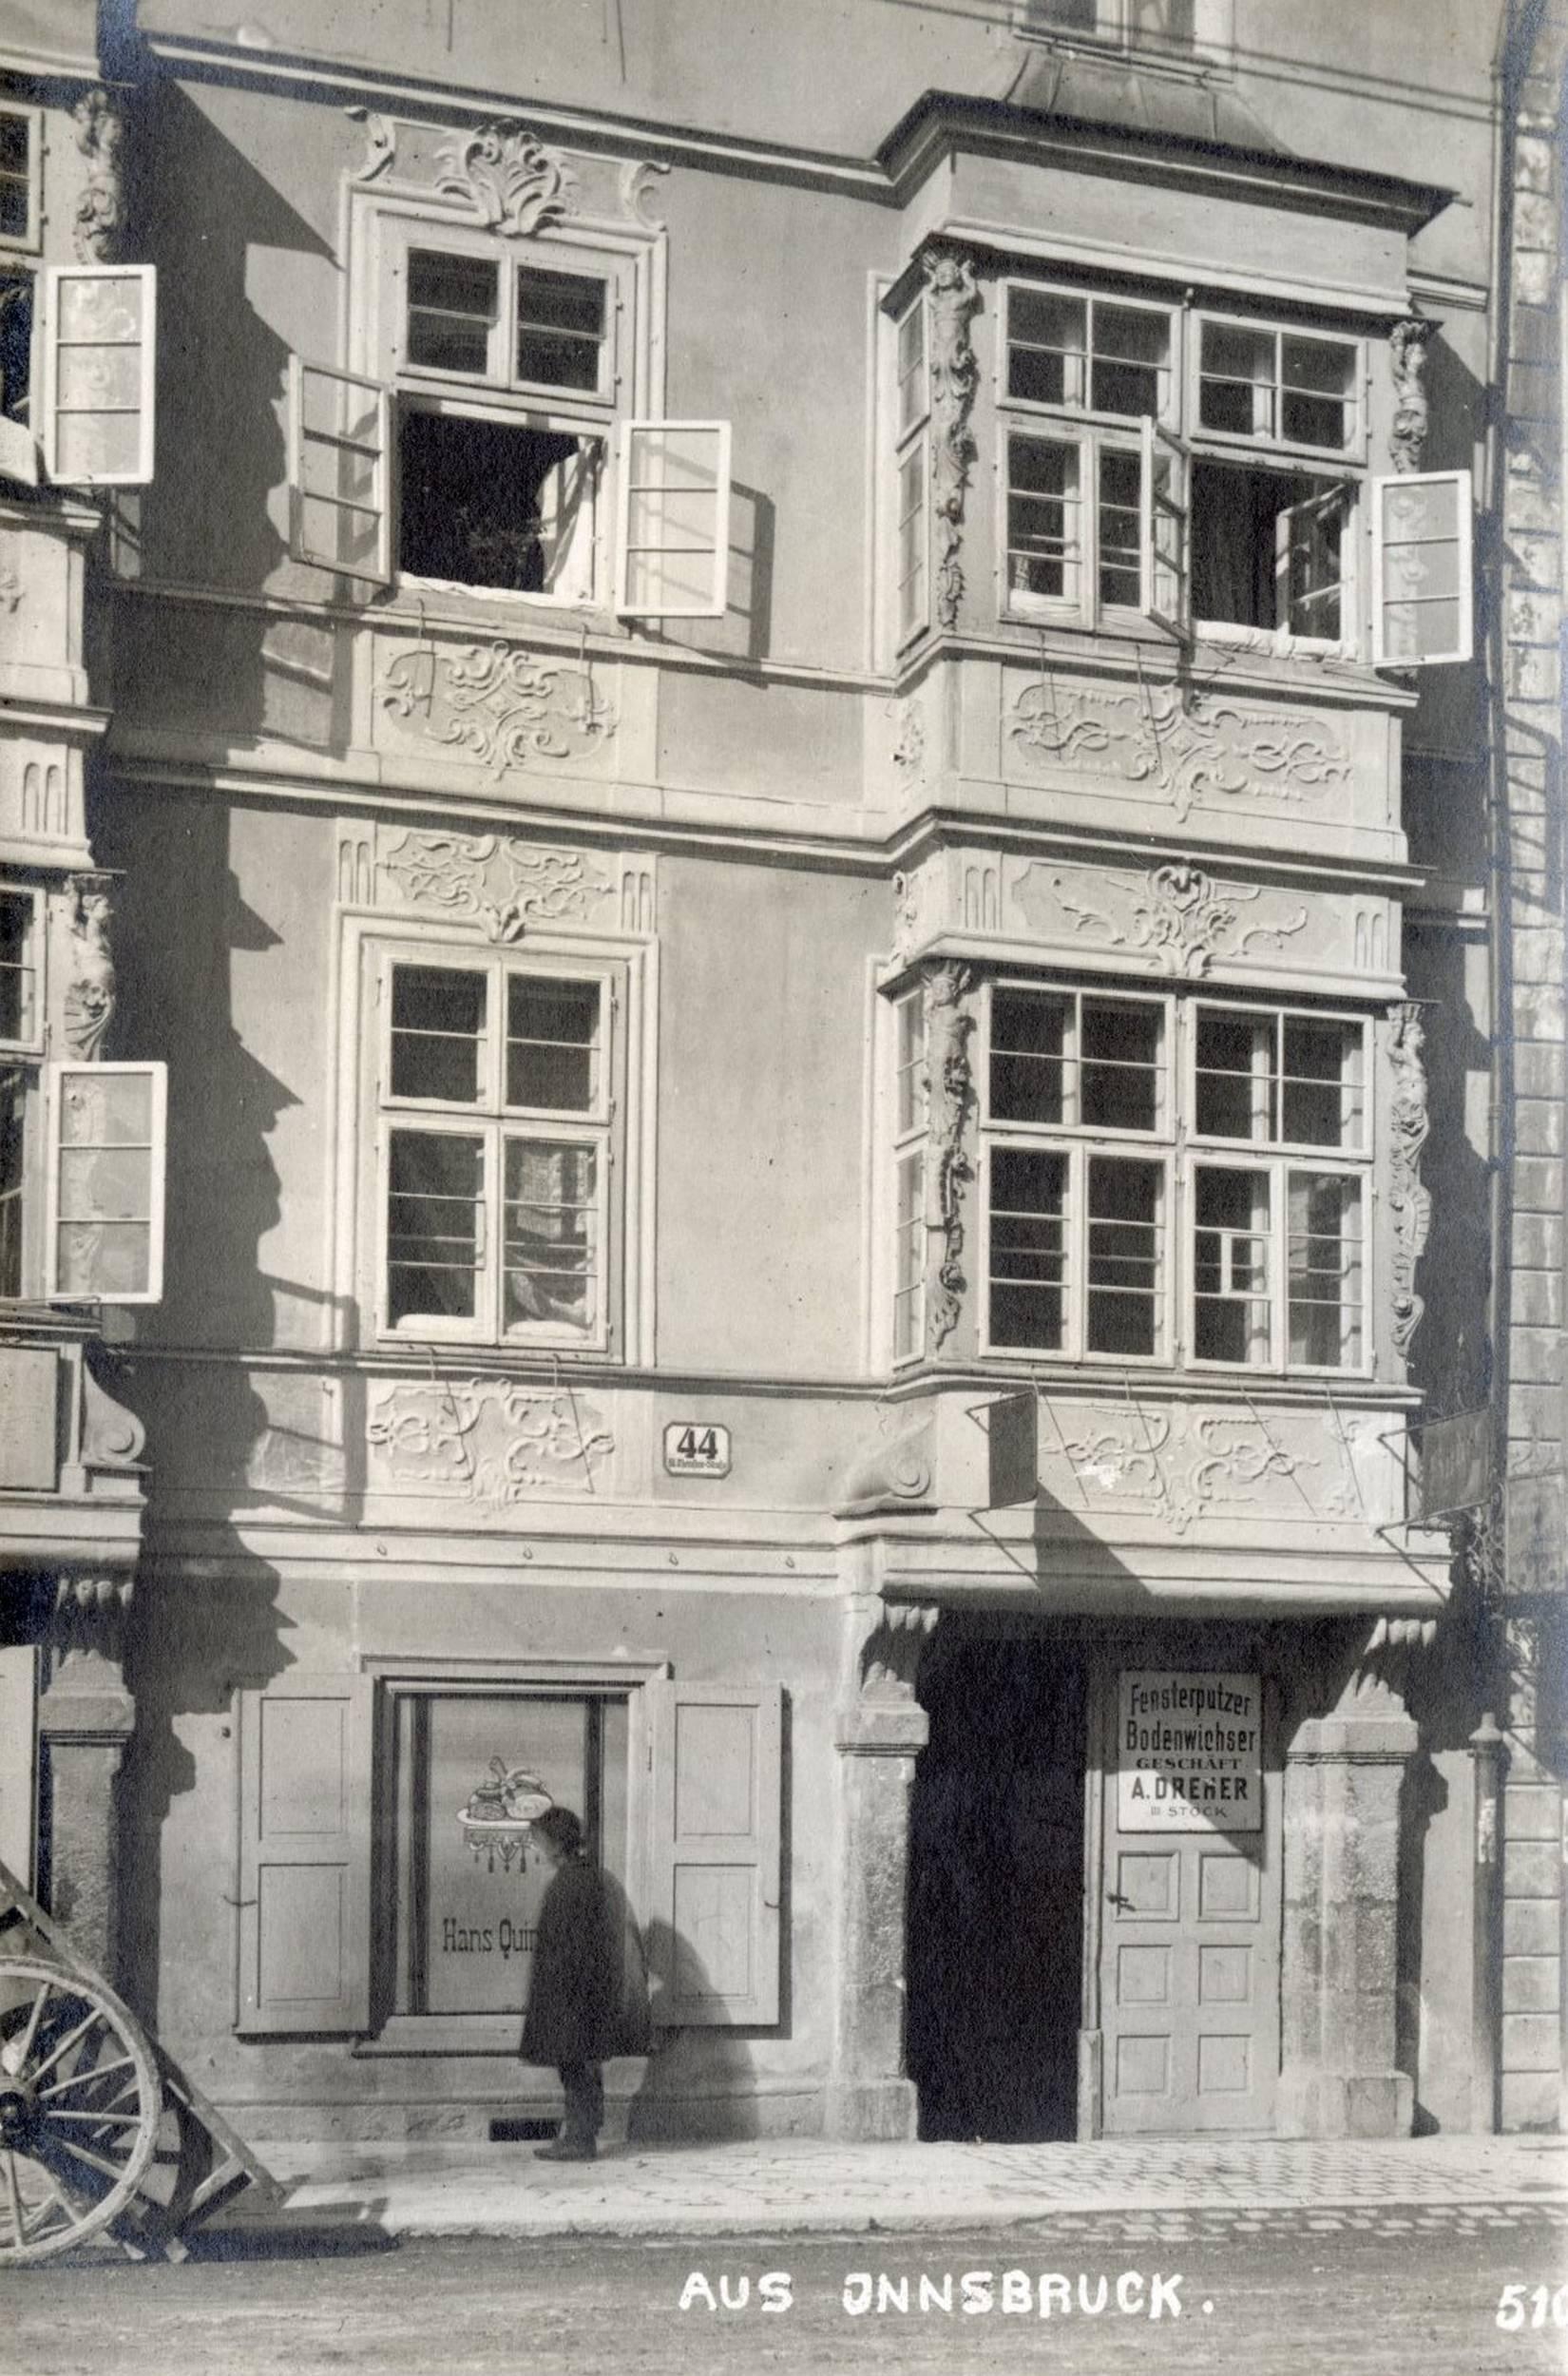 Erstes Innsbrucker Reinigungsinstitut Alois Dreher